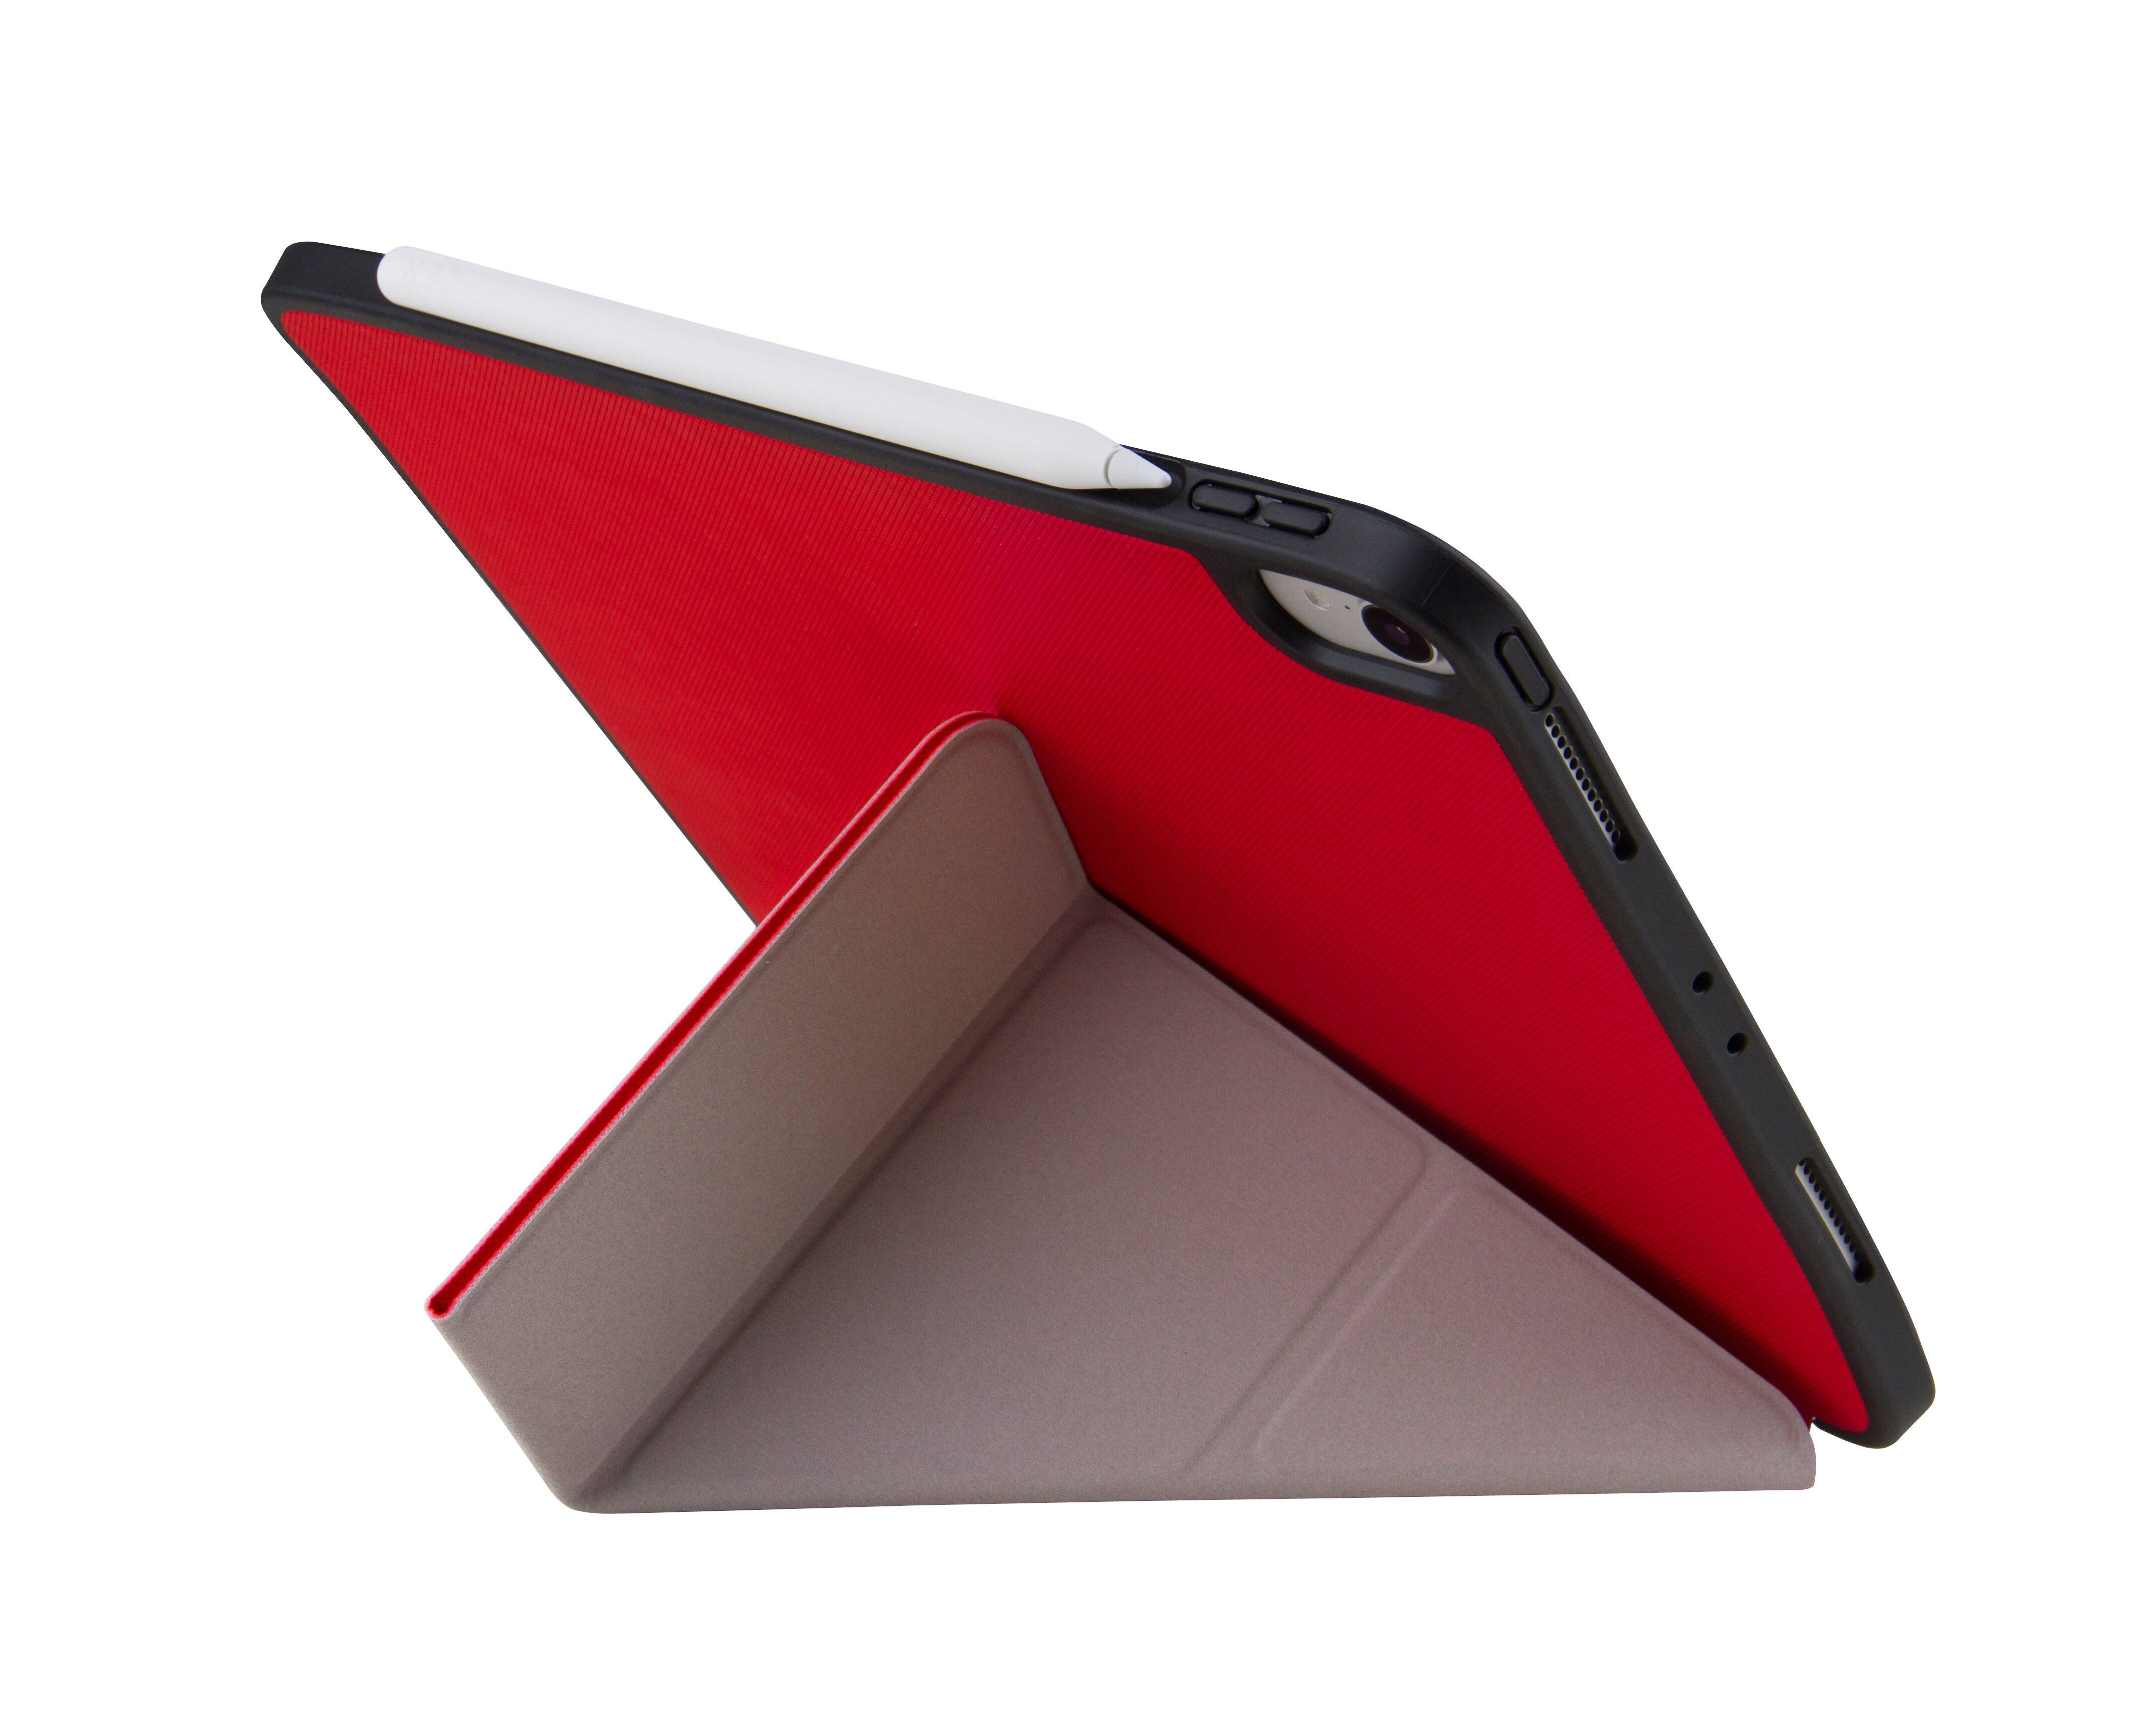 Uniq Apple New iPad Pro 11 (2018) cases Transforma Rigor Plus